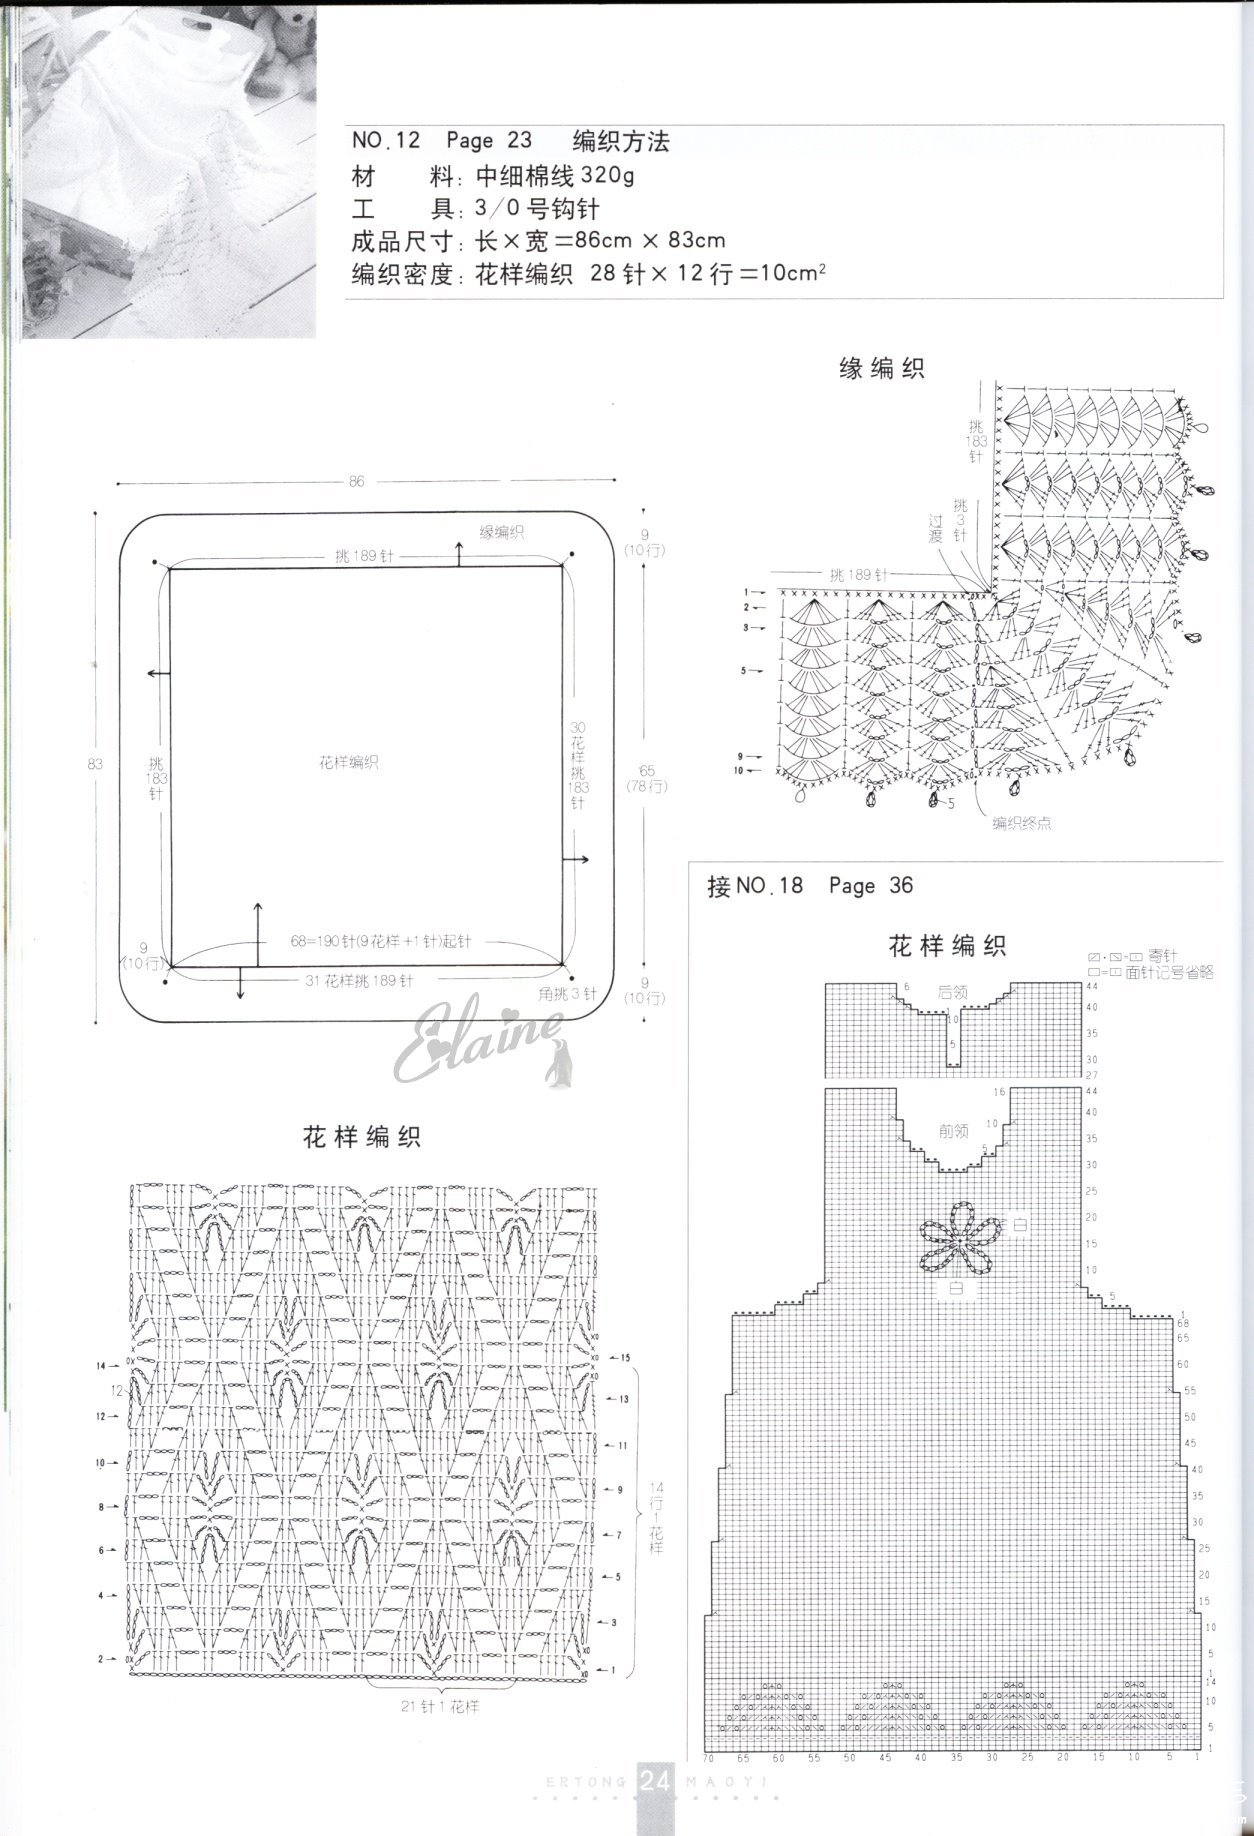 blanket-Image28.jpg